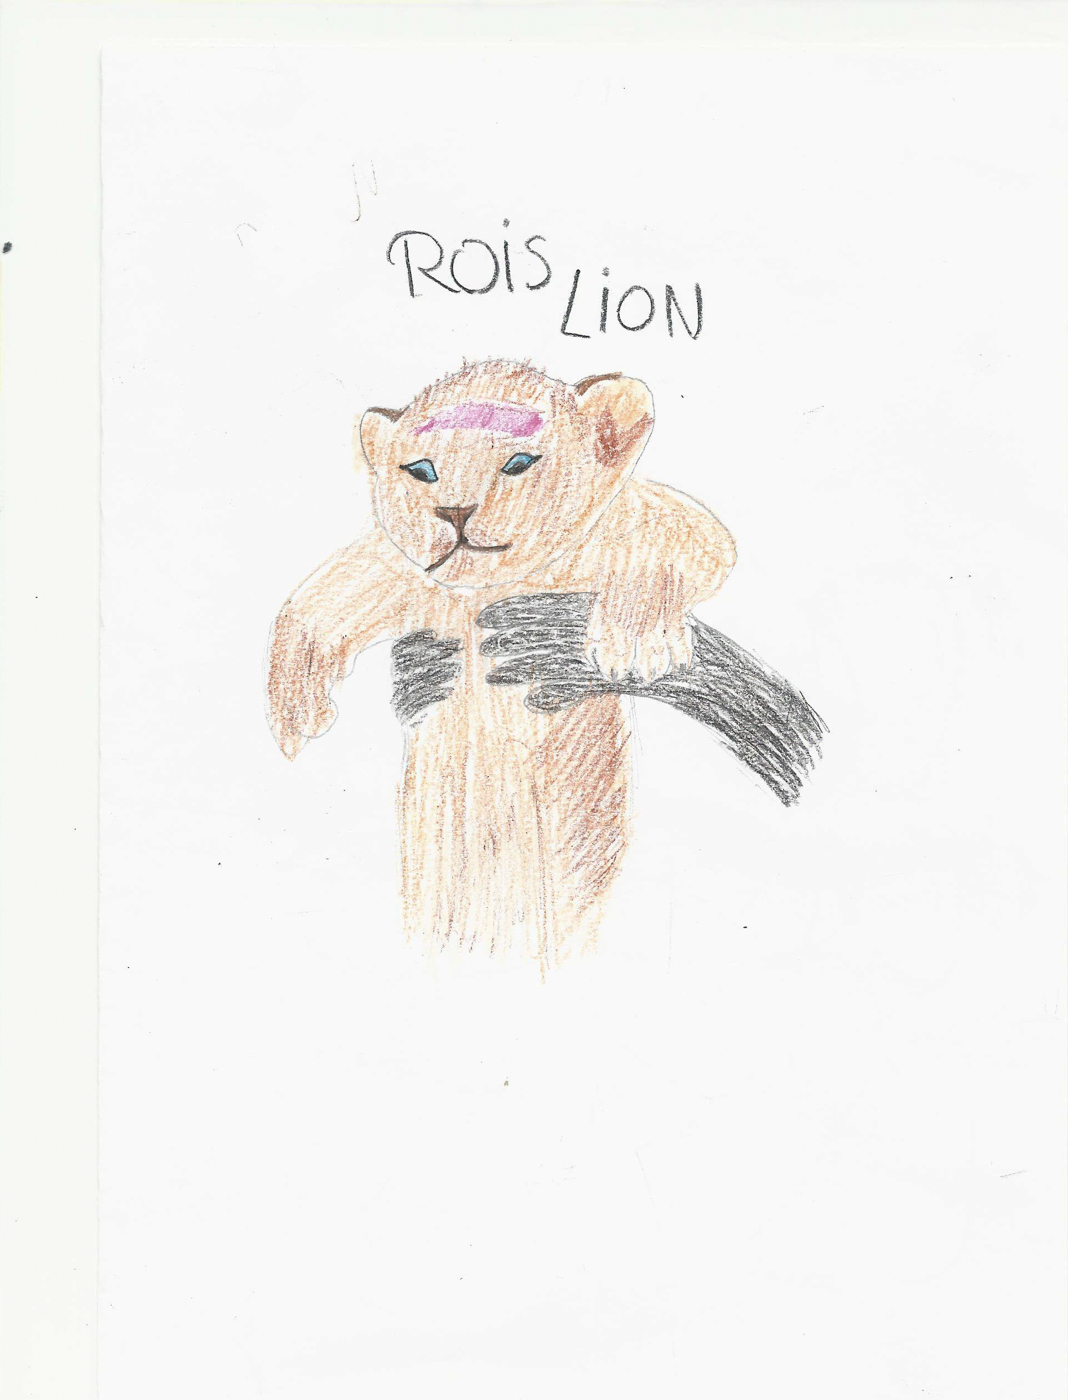 rois lion